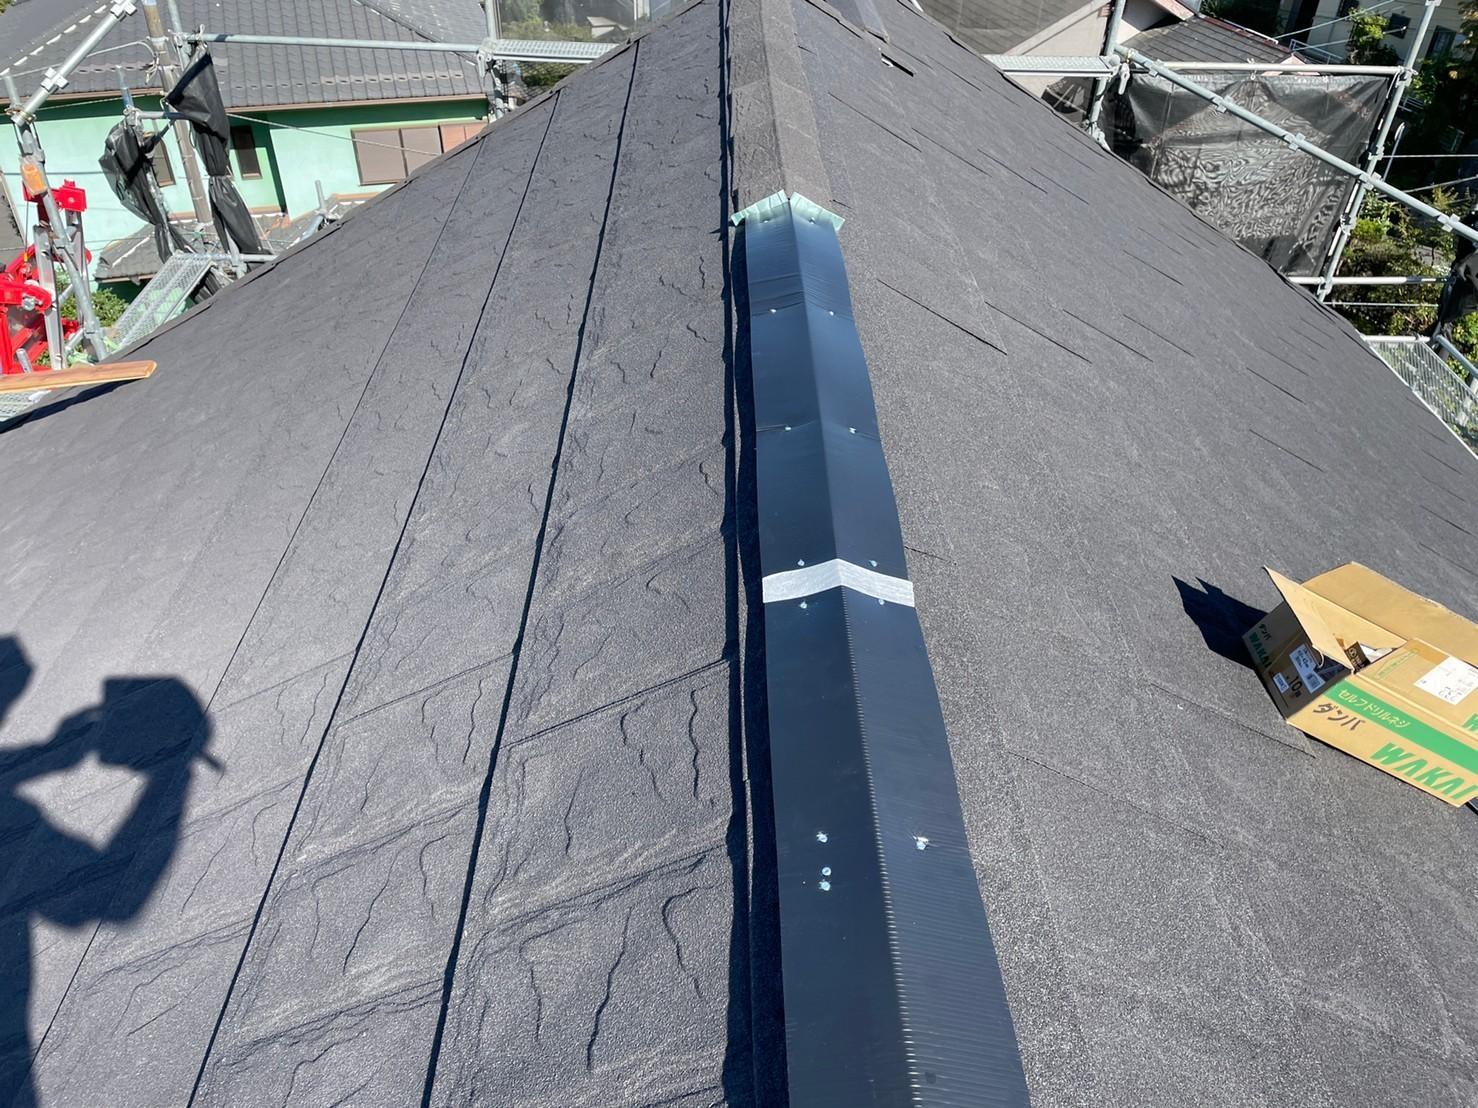 リフォーム施工中屋根重ね葺き工事、外壁塗装工事【279】横浜市磯子区